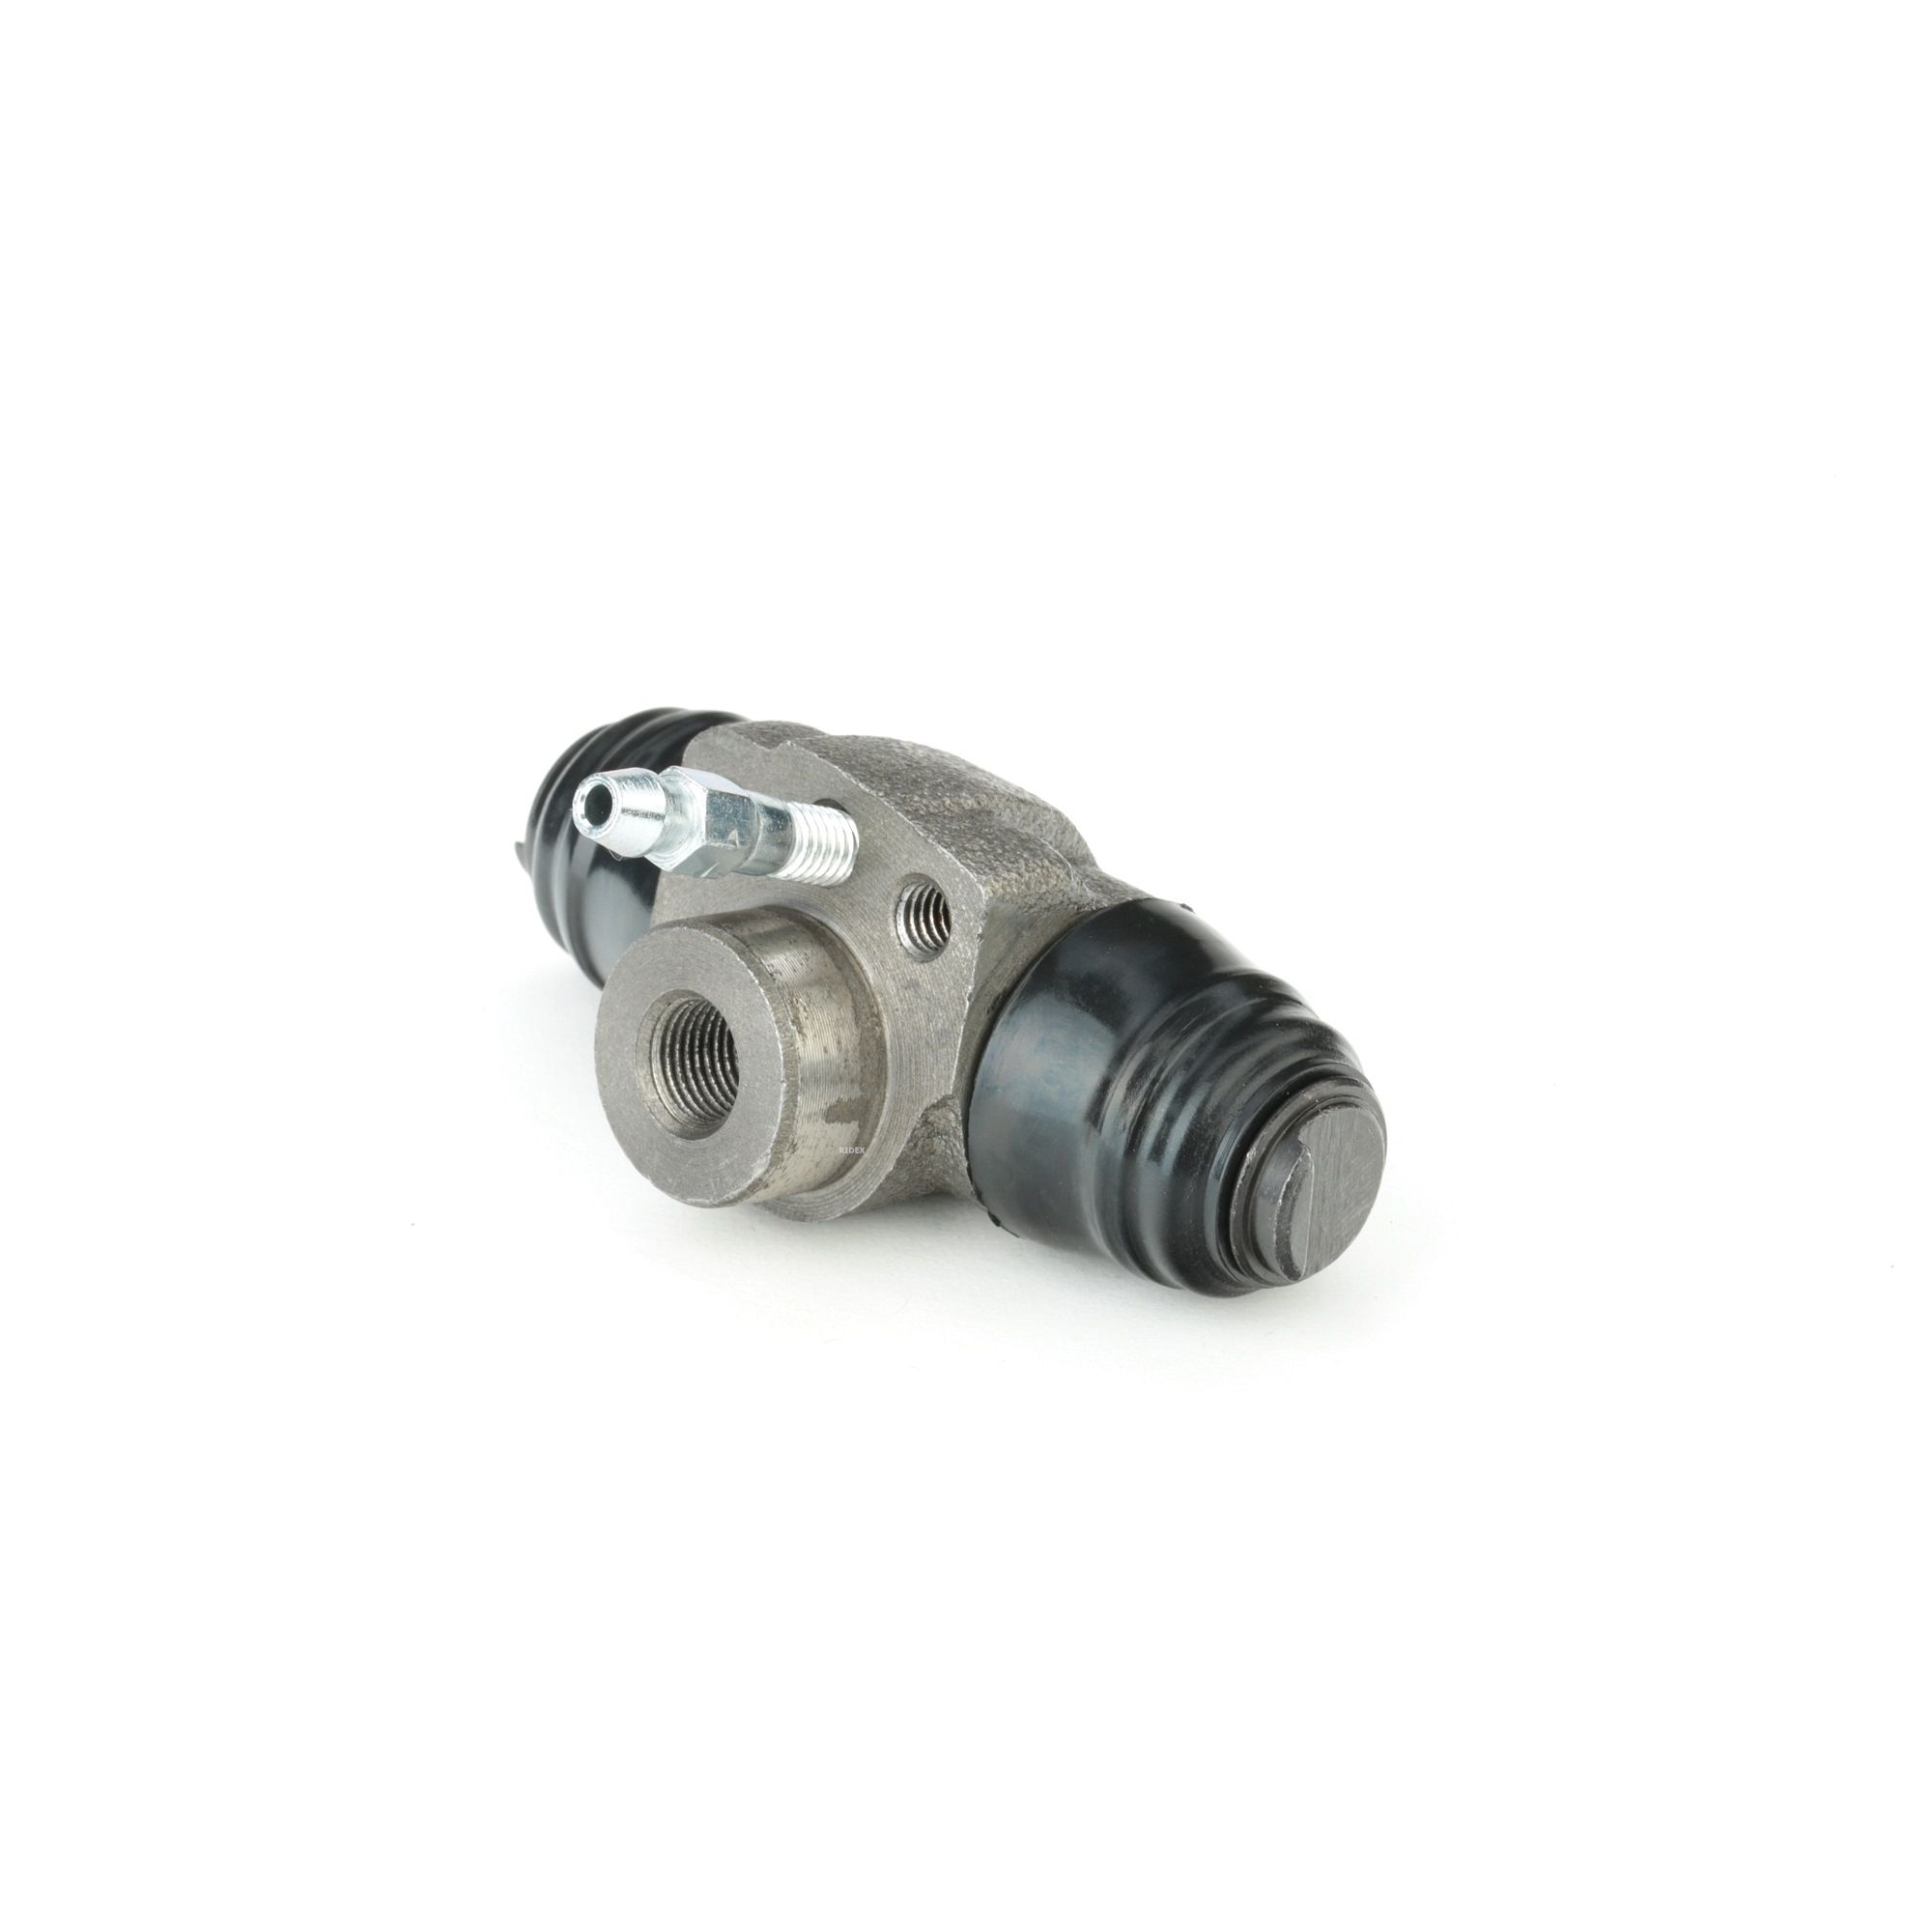 Radbremszylinder lpr 4290